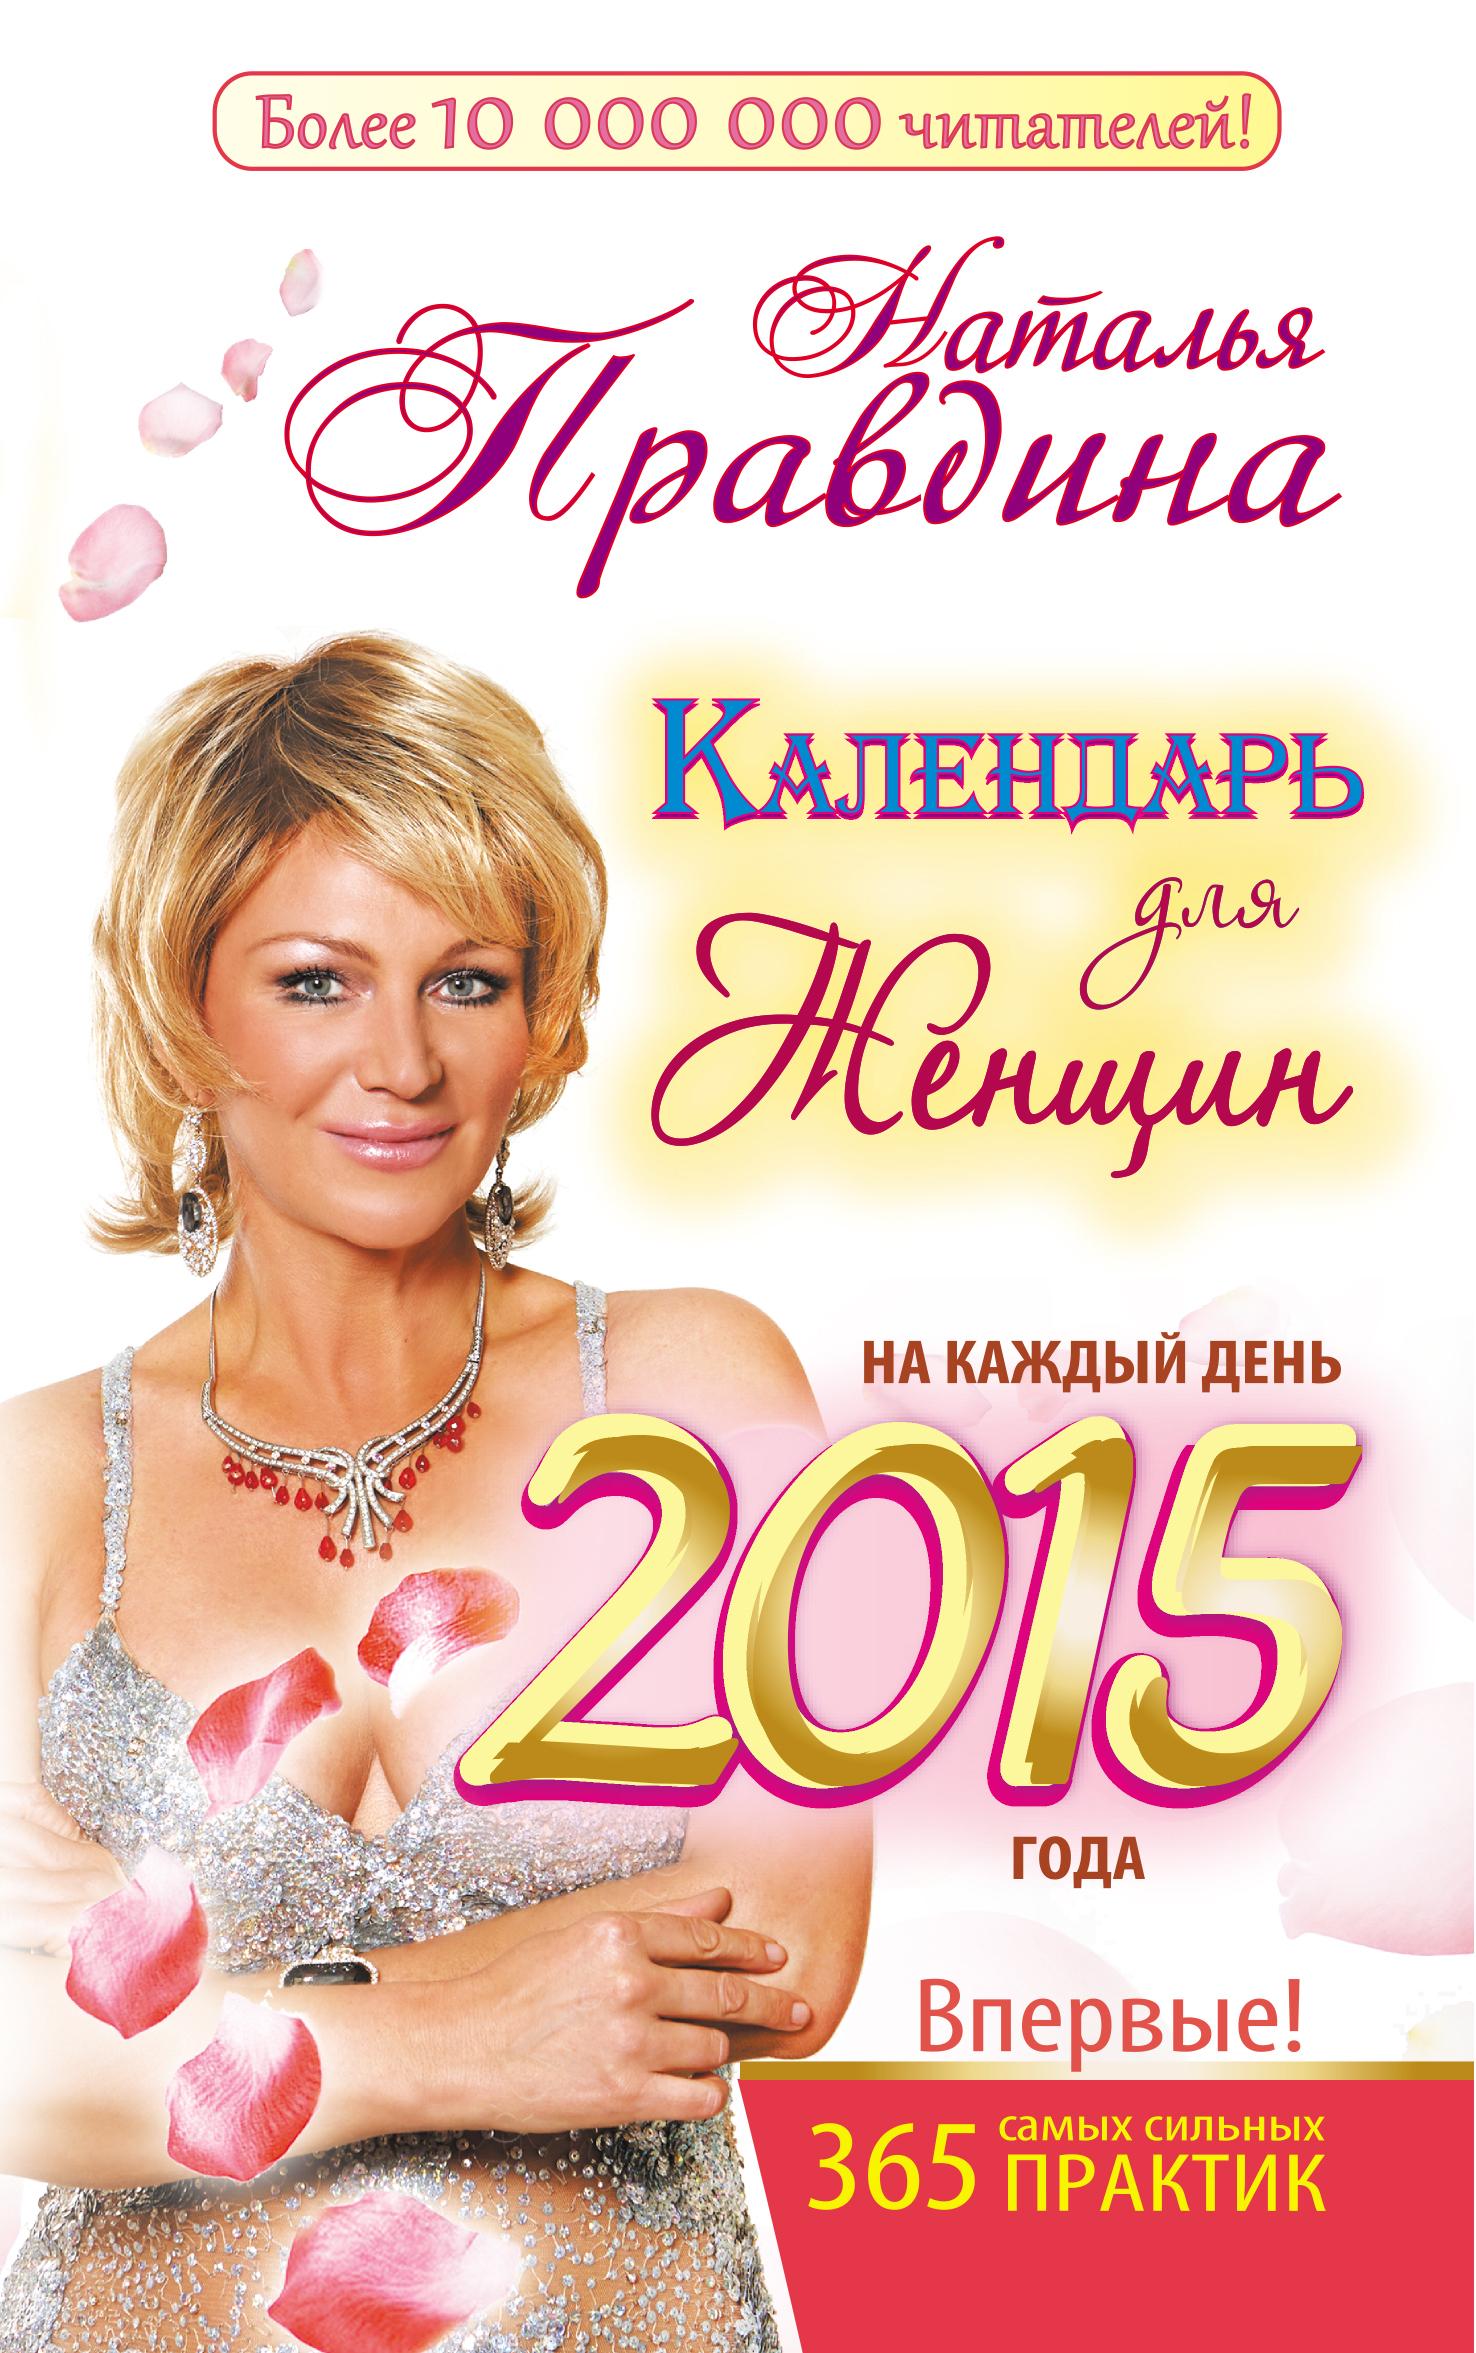 Наталия Правдина Календарь для женщин на каждый день 2015 года. 365 самых сильных практик наталия правдина календарь любви и счастья 365 самых сильных практик на каждый день 2015 года